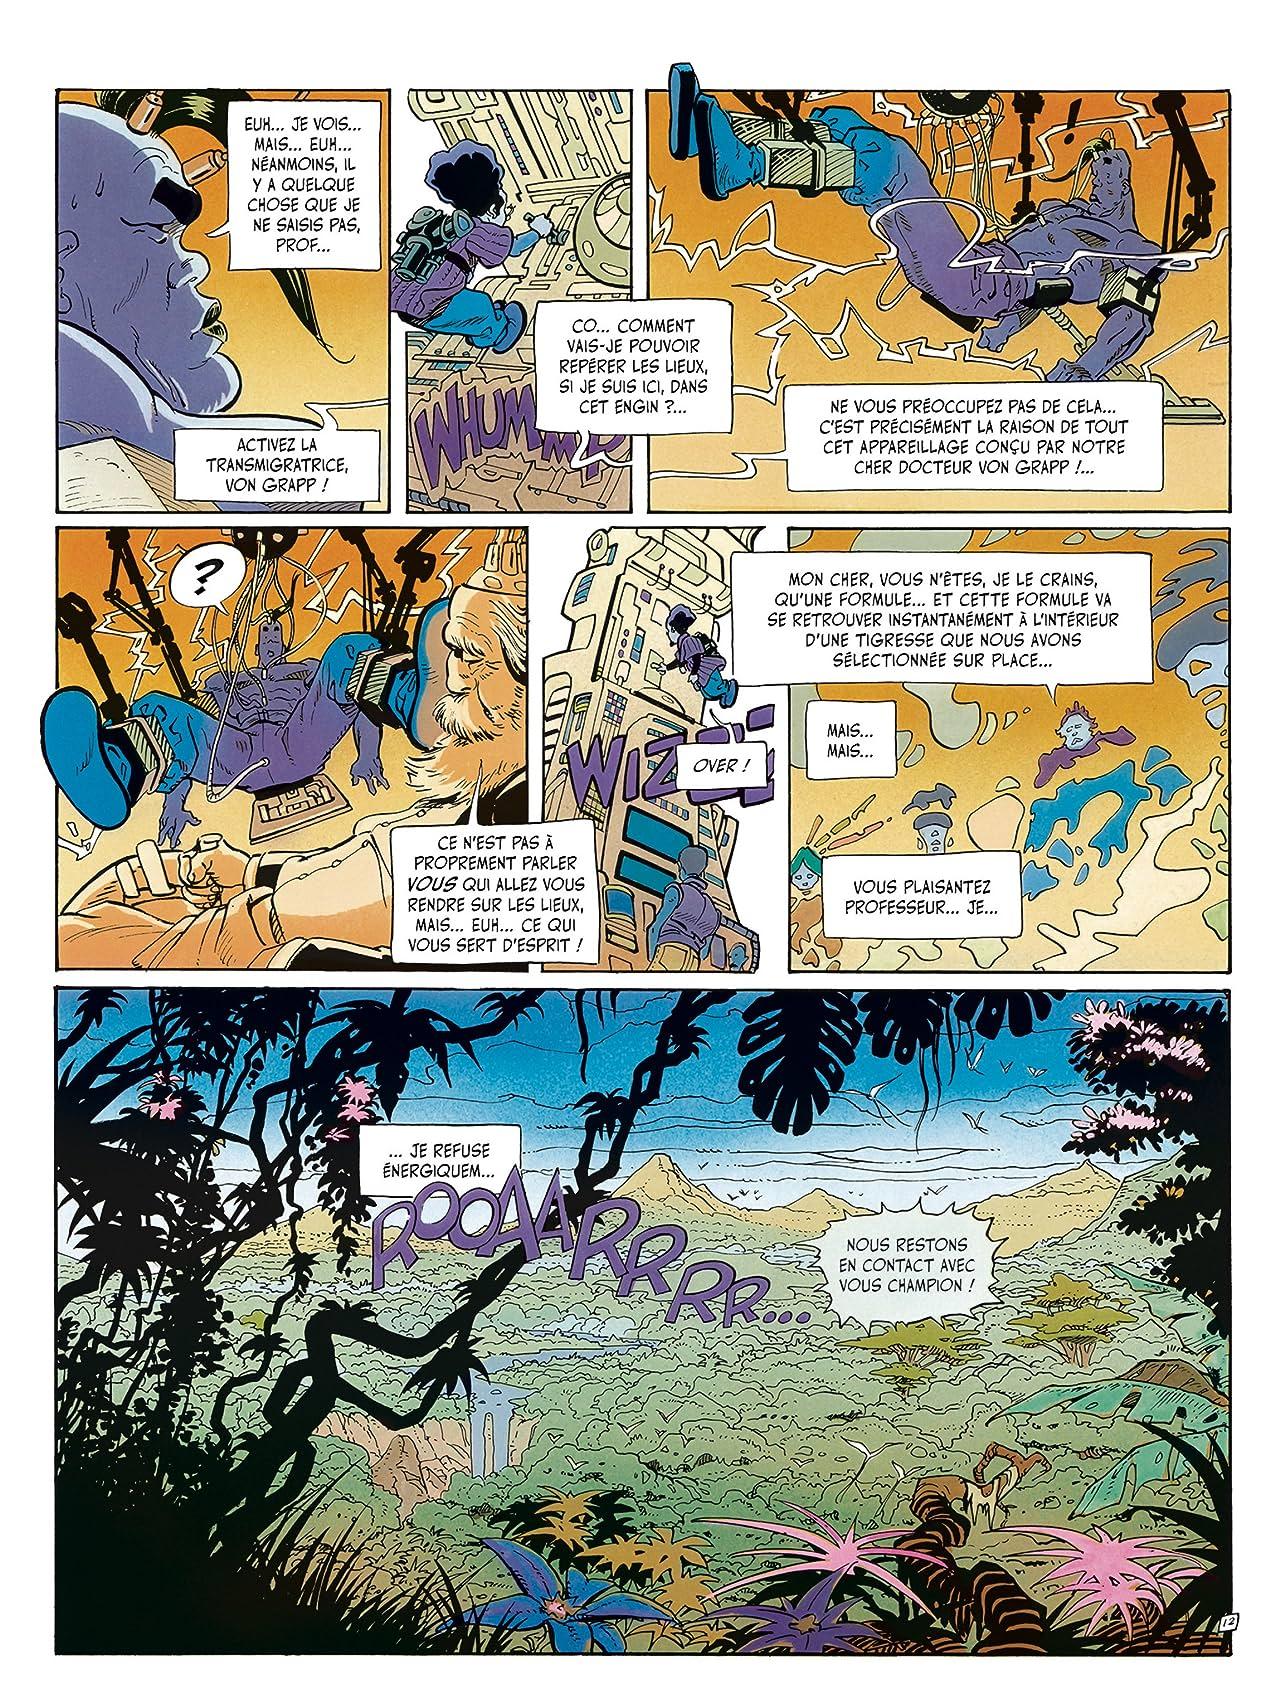 Anibal Cinq Vol. 2: Chair d'Orchidée pour le Cyborg